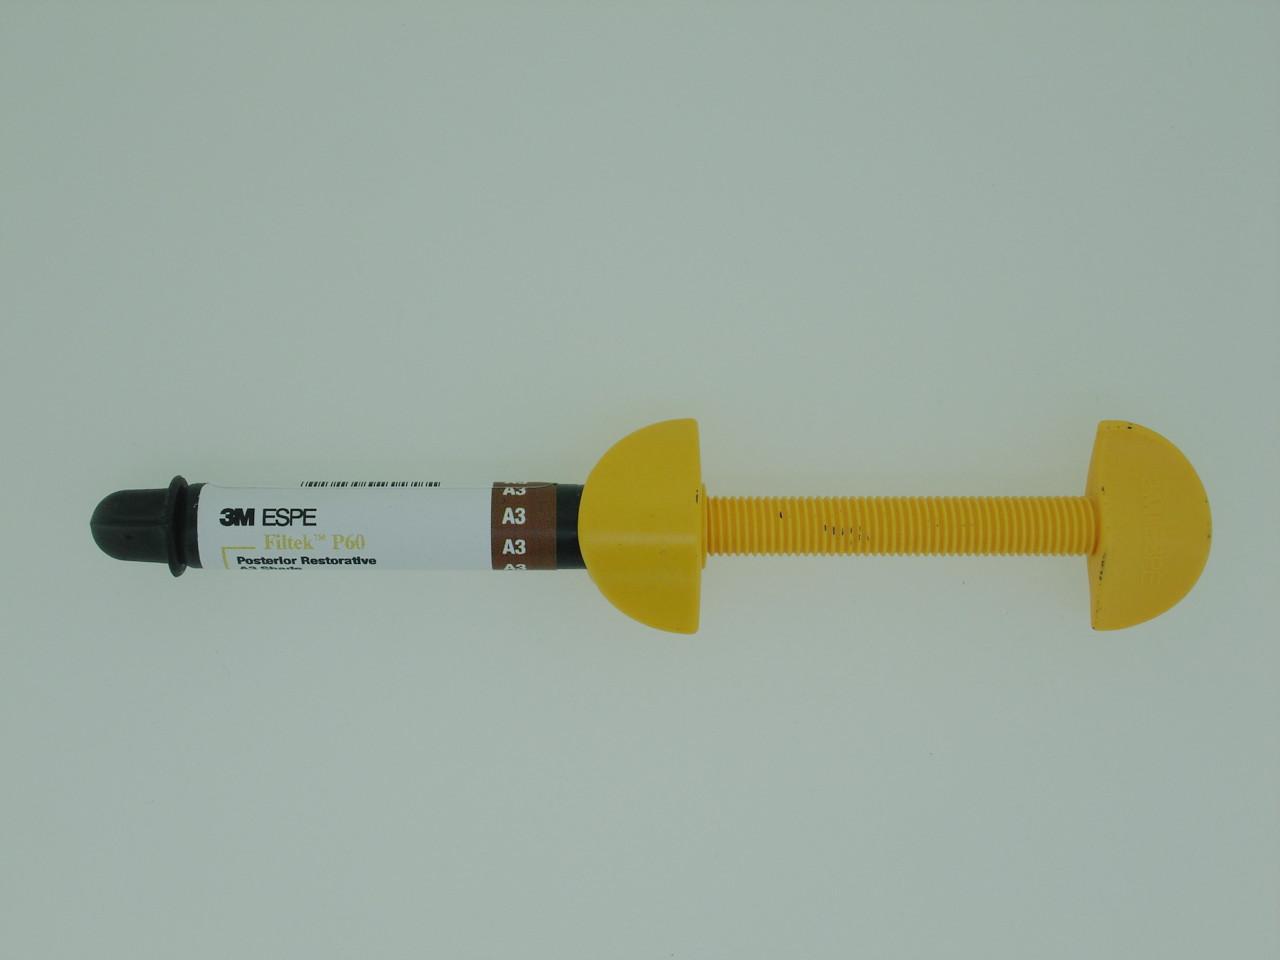 光固化复合树脂